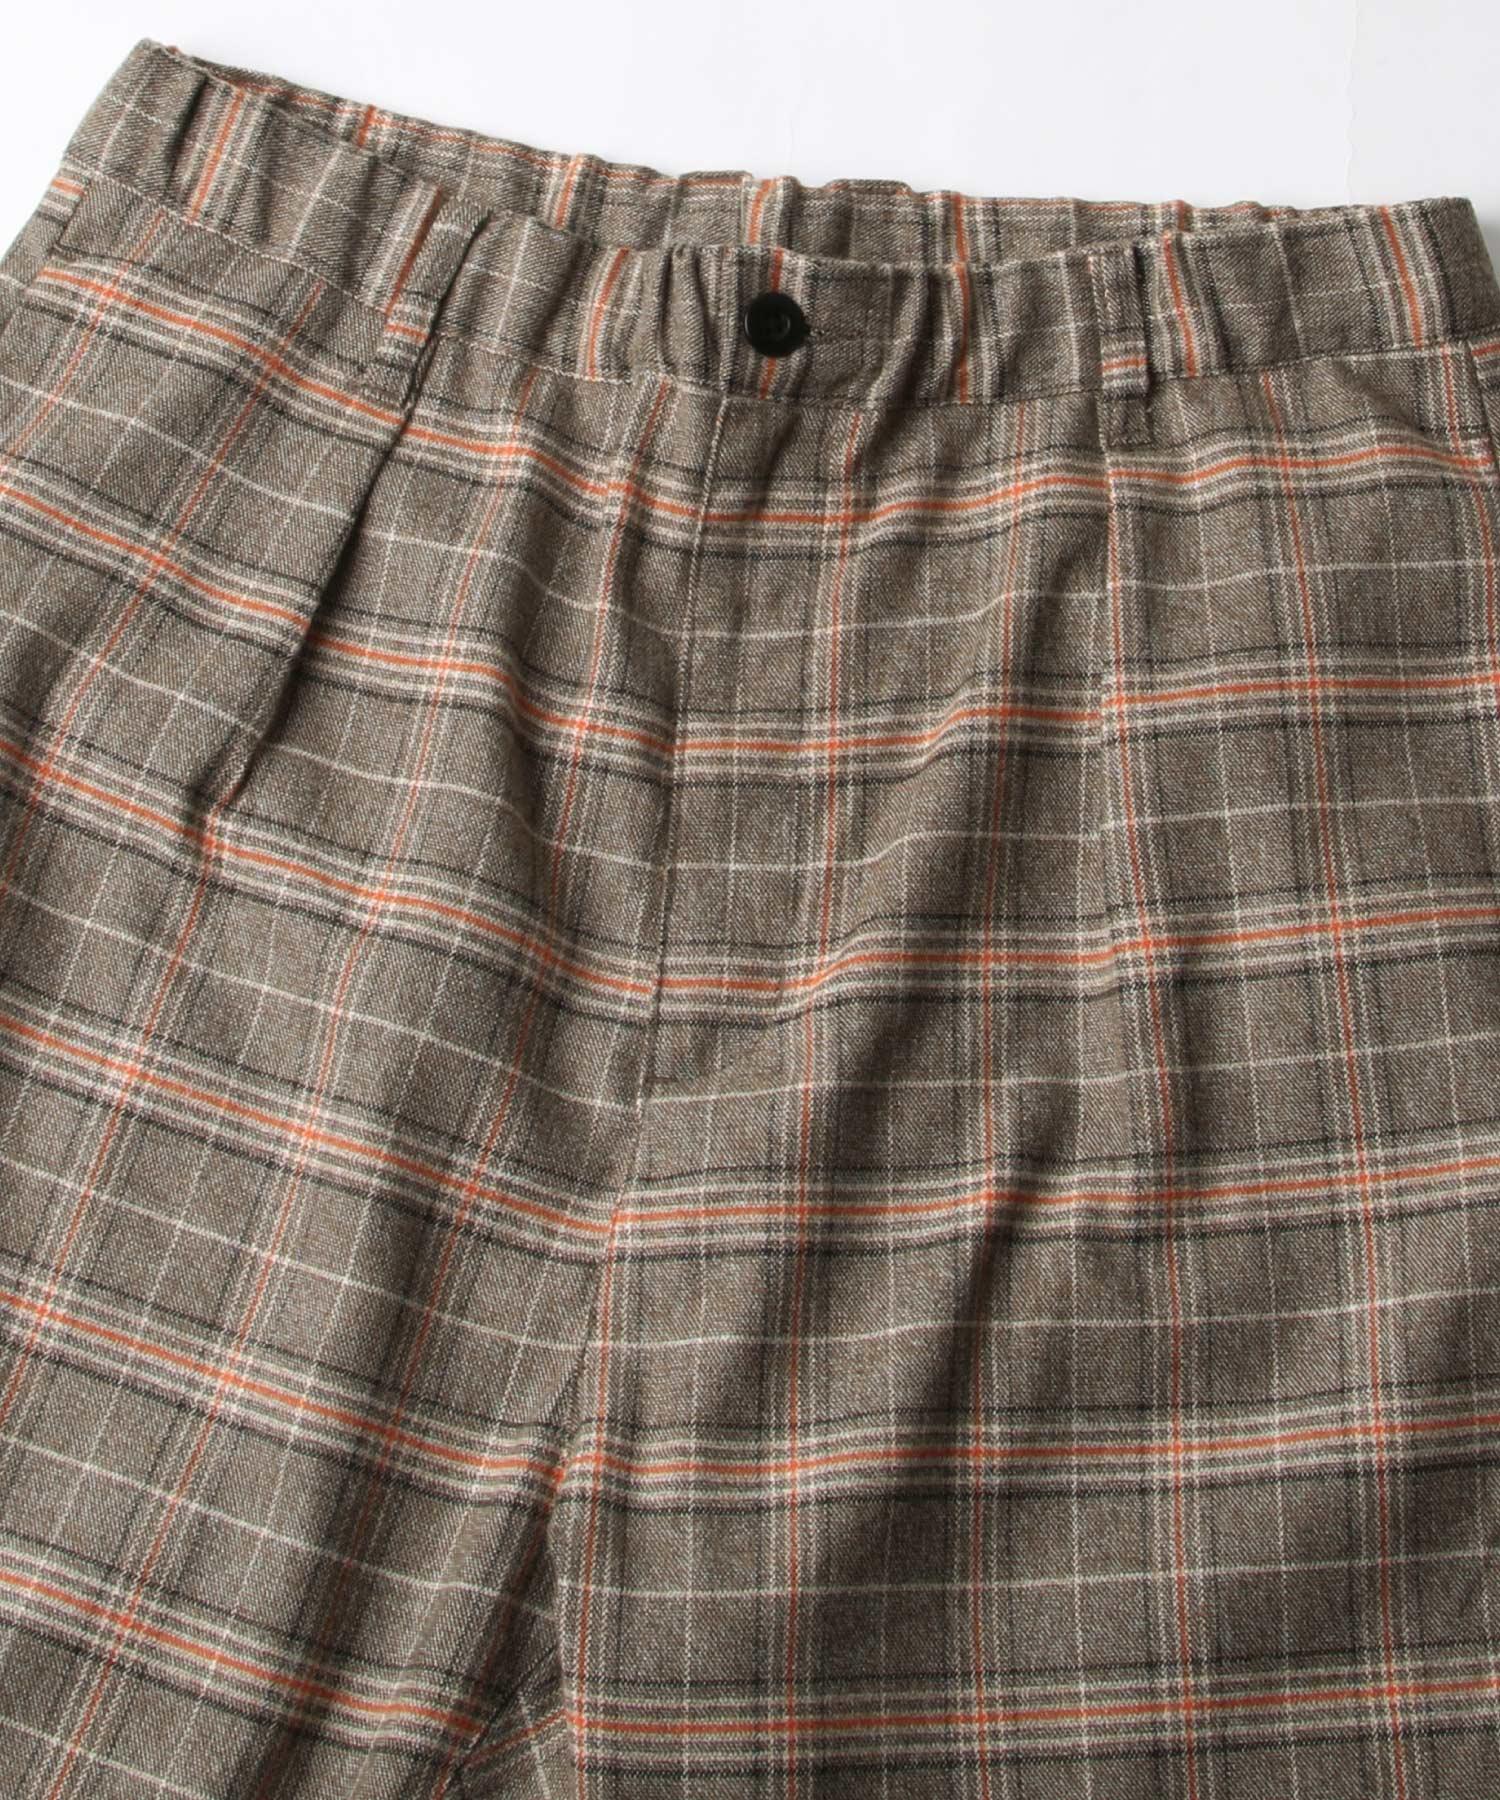 【Nilway】經典格紋錐形褲 西裝褲 4